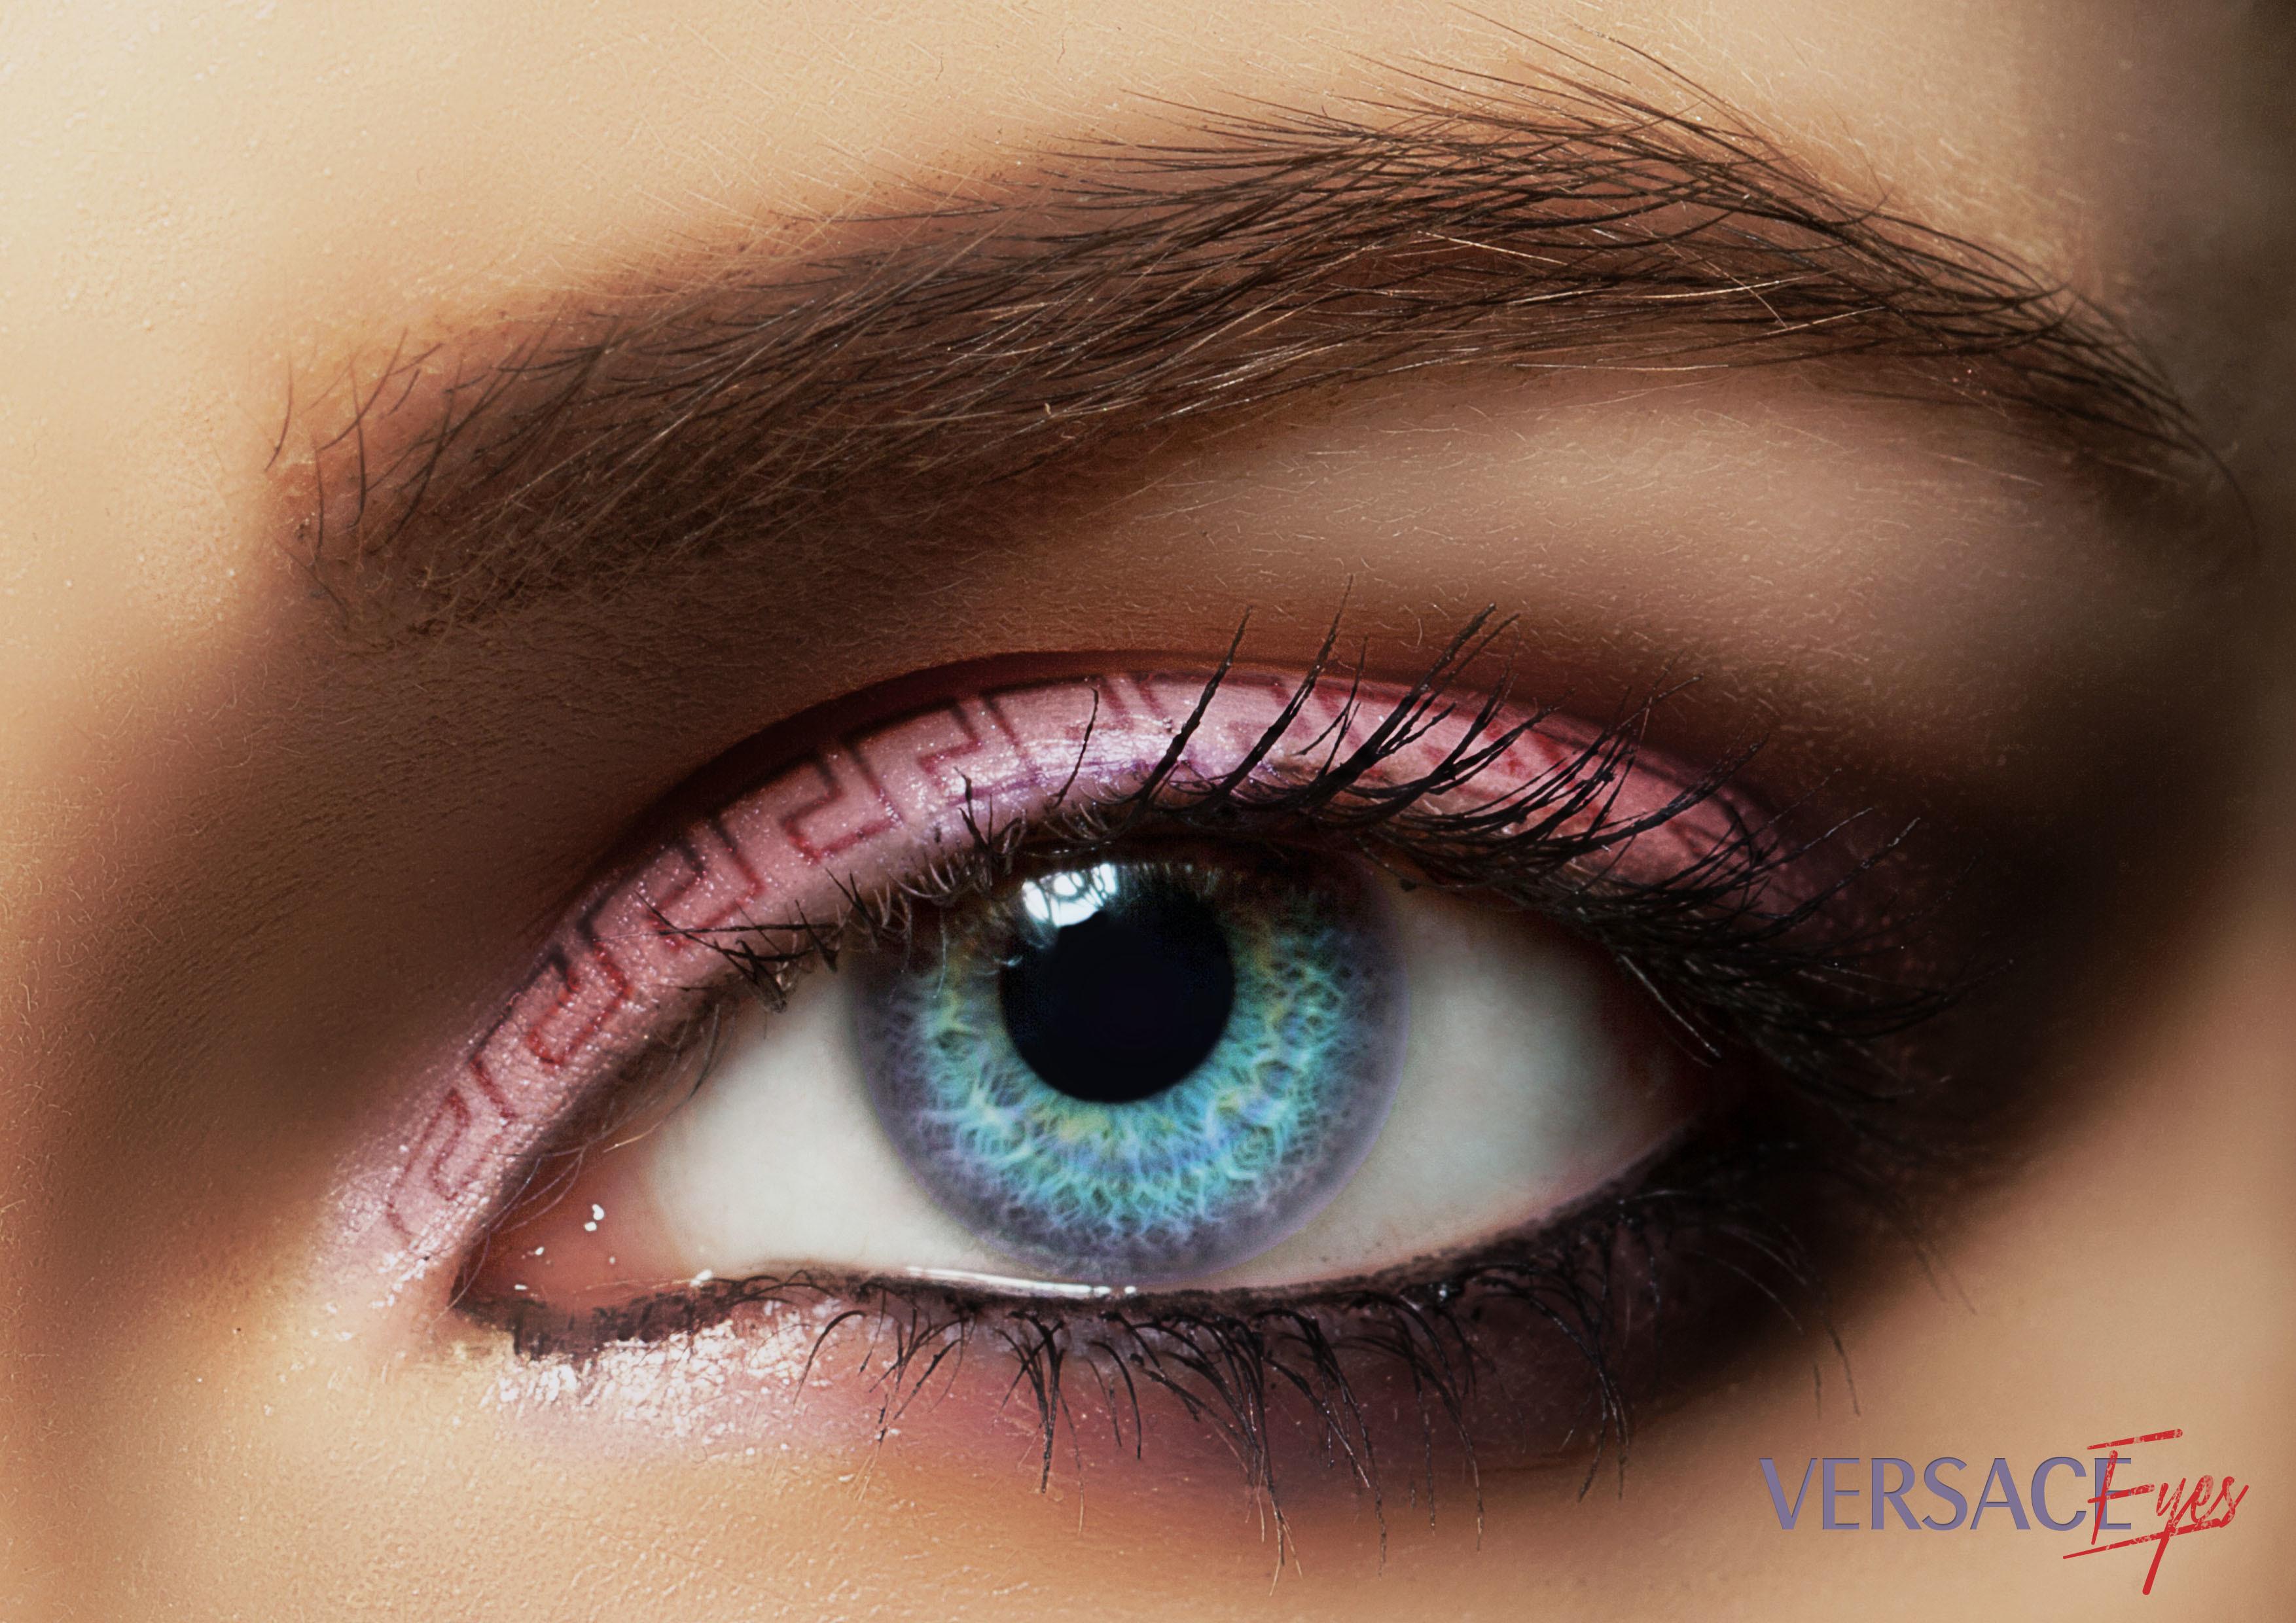 Versace_MakeUp